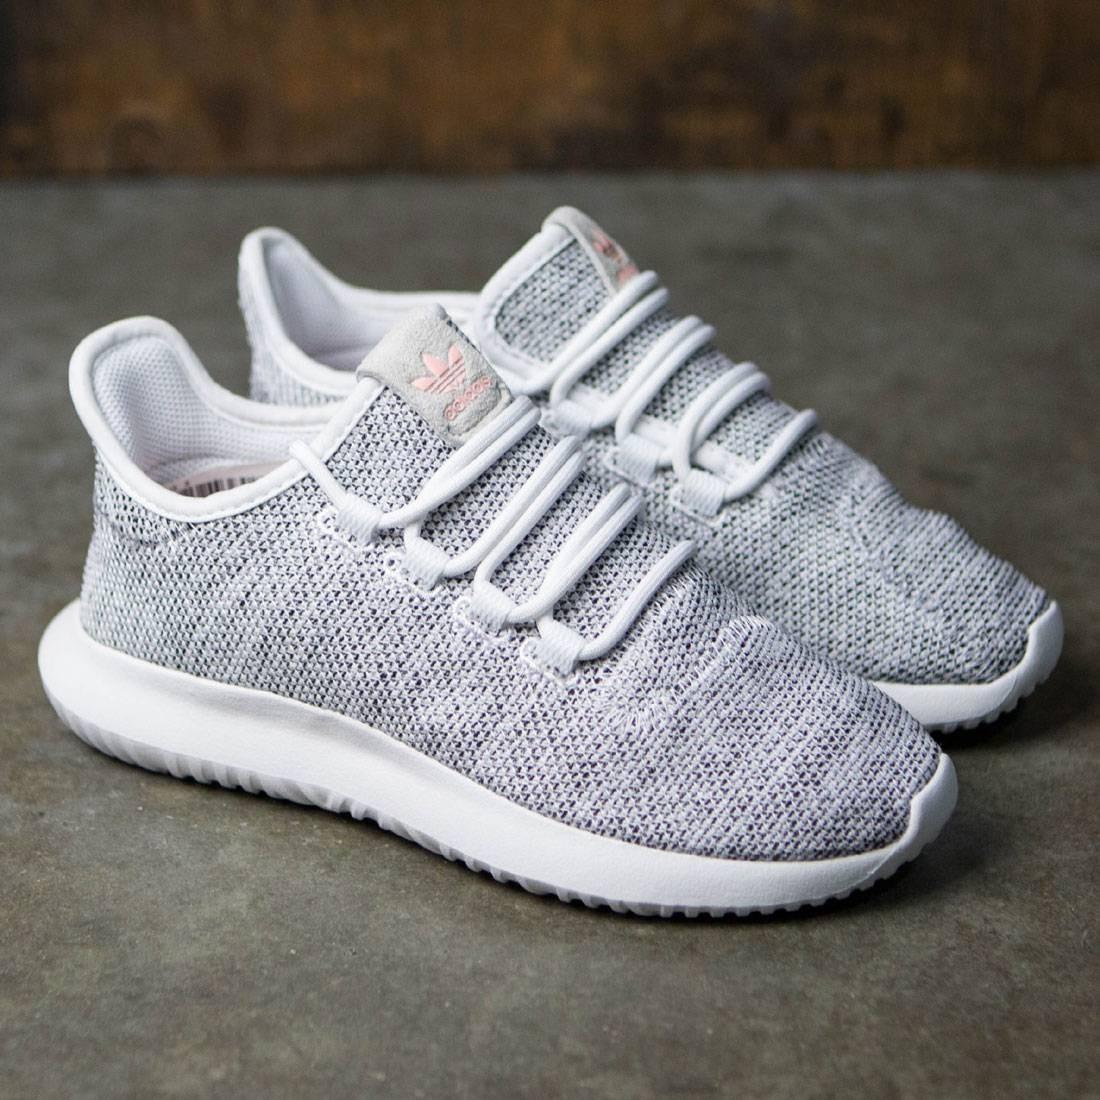 new style f77fb 3c860 where can i buy adidas tubular shadow womens silver grey ...